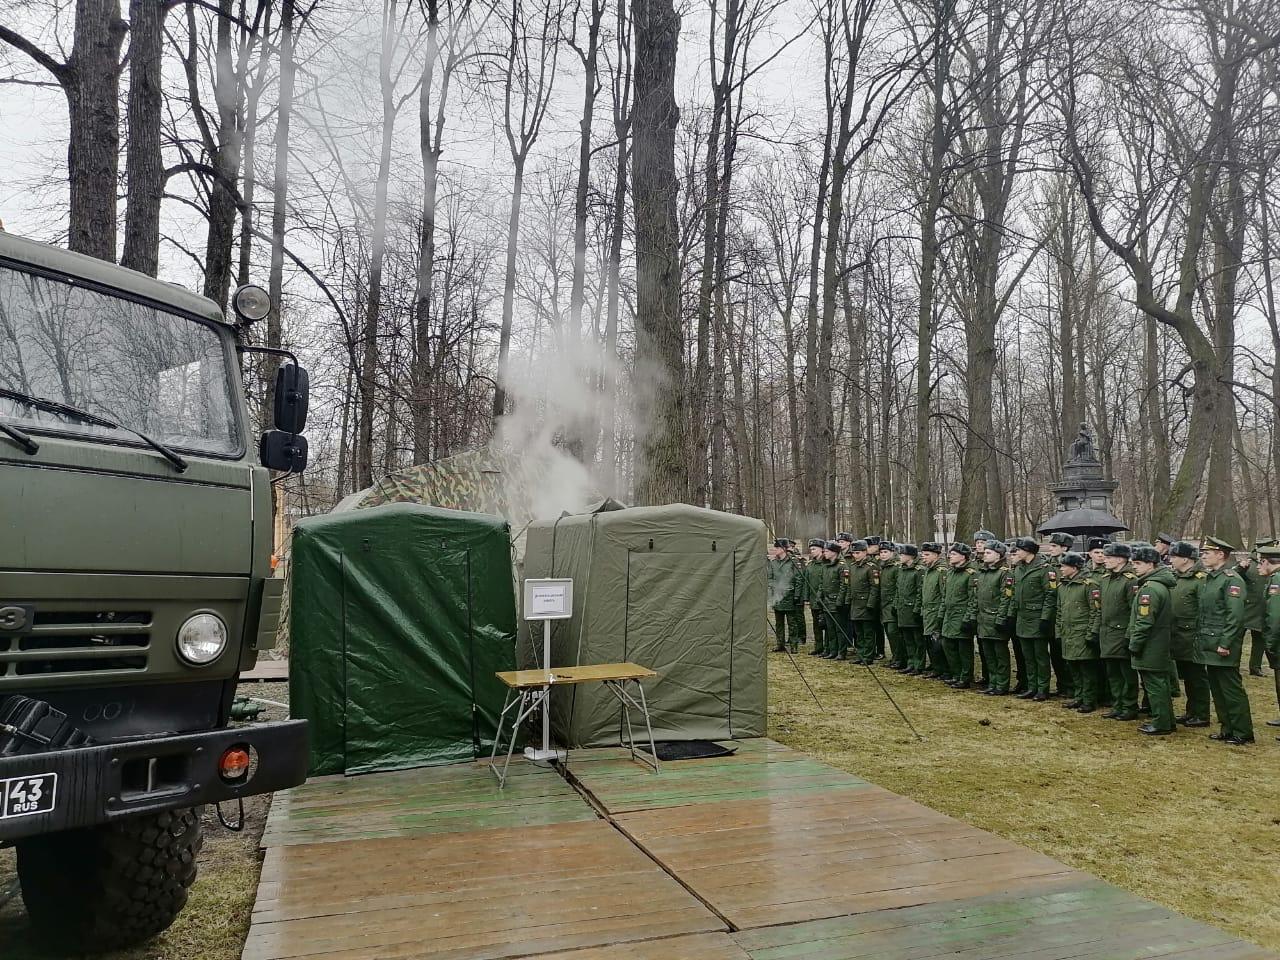 Видео: Организация работы сортировочной площадки Военно-медицинской Академии имени С.М. Кирова для приема инфекционных больных